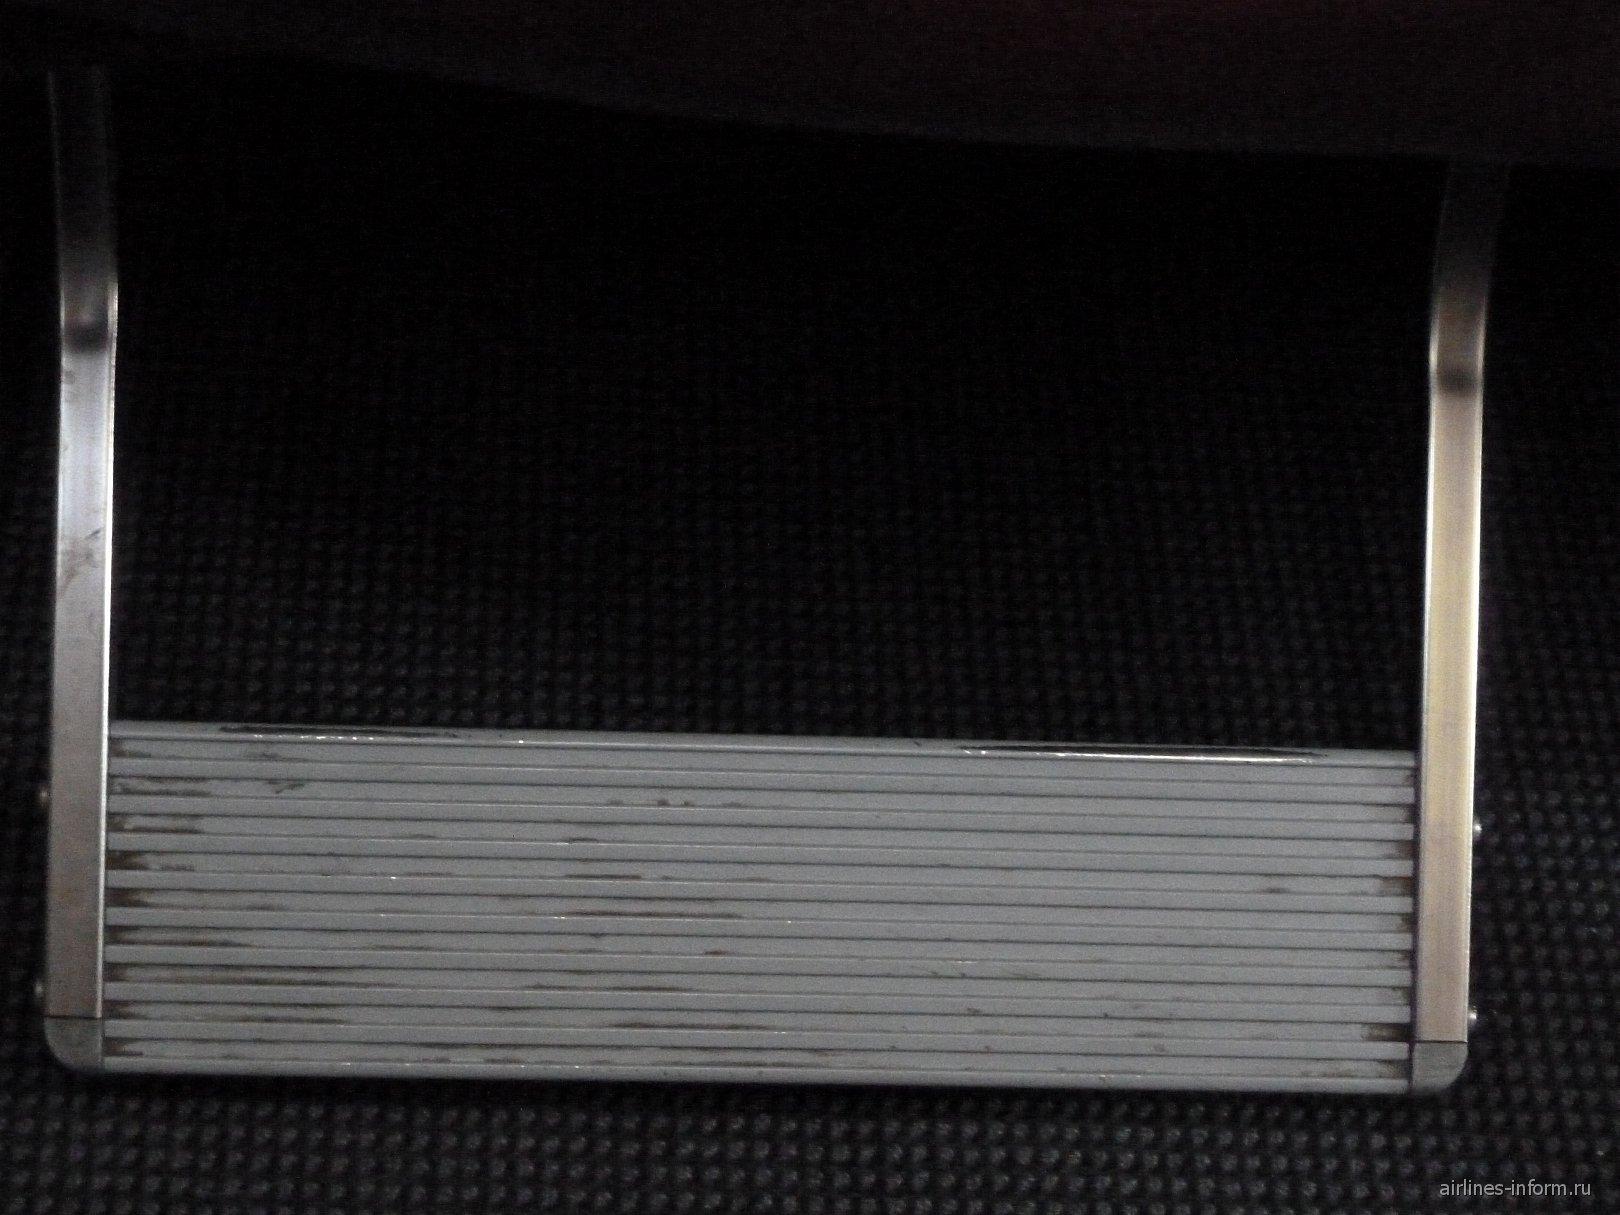 Подставка для ног в Боинге-737-800 авиакомпании ЮТэйр